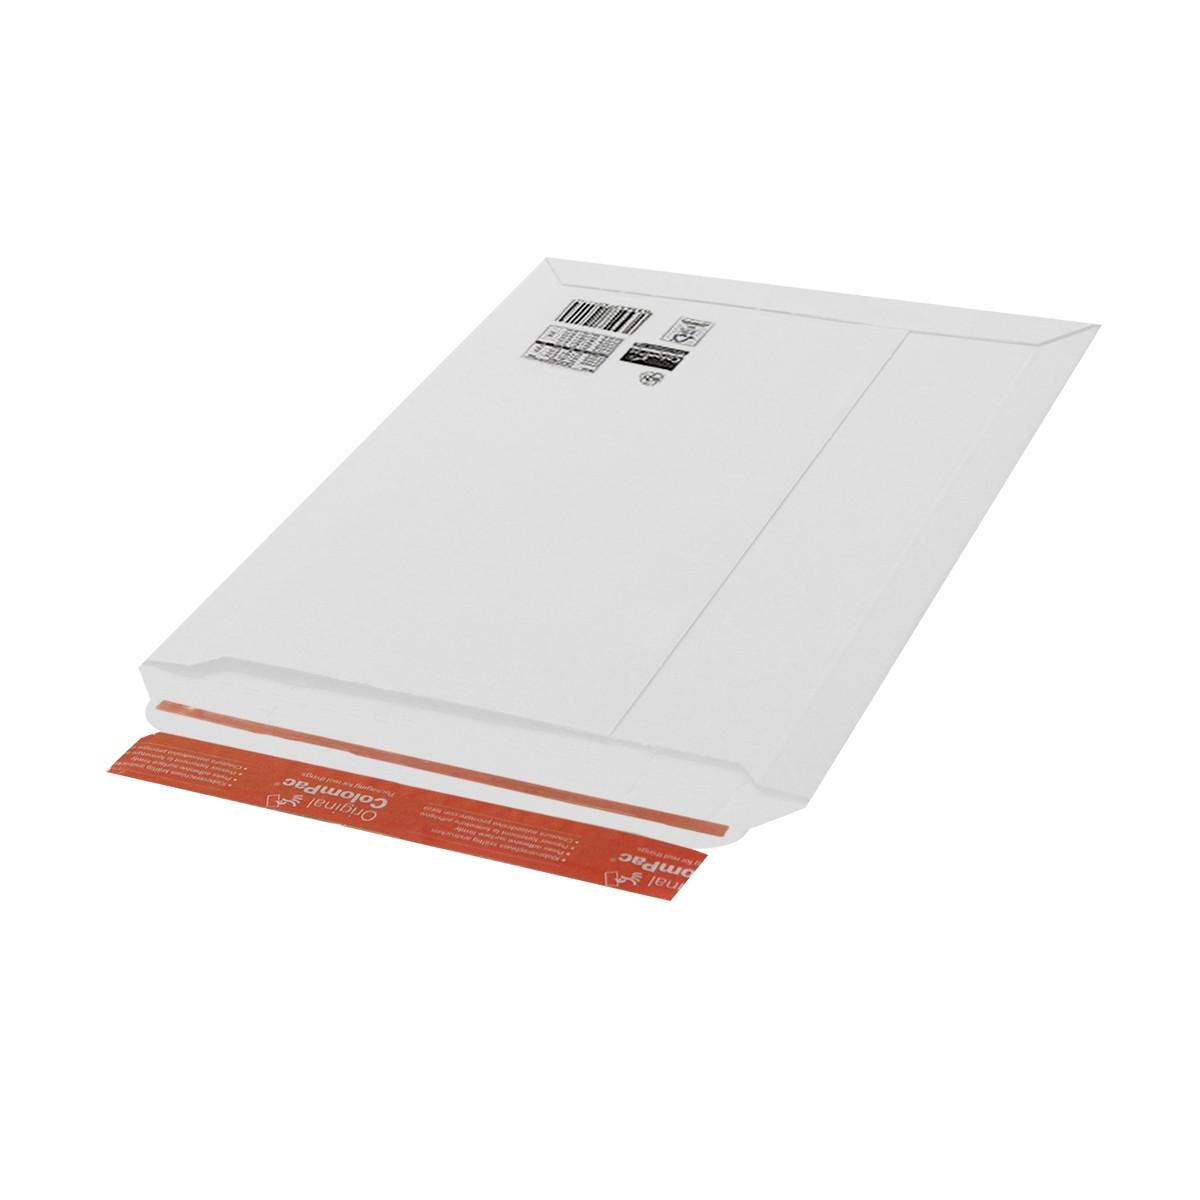 Einzelverpackung Wellpapp-Stanzverpackung 250 x 353 x 8 mm weiß